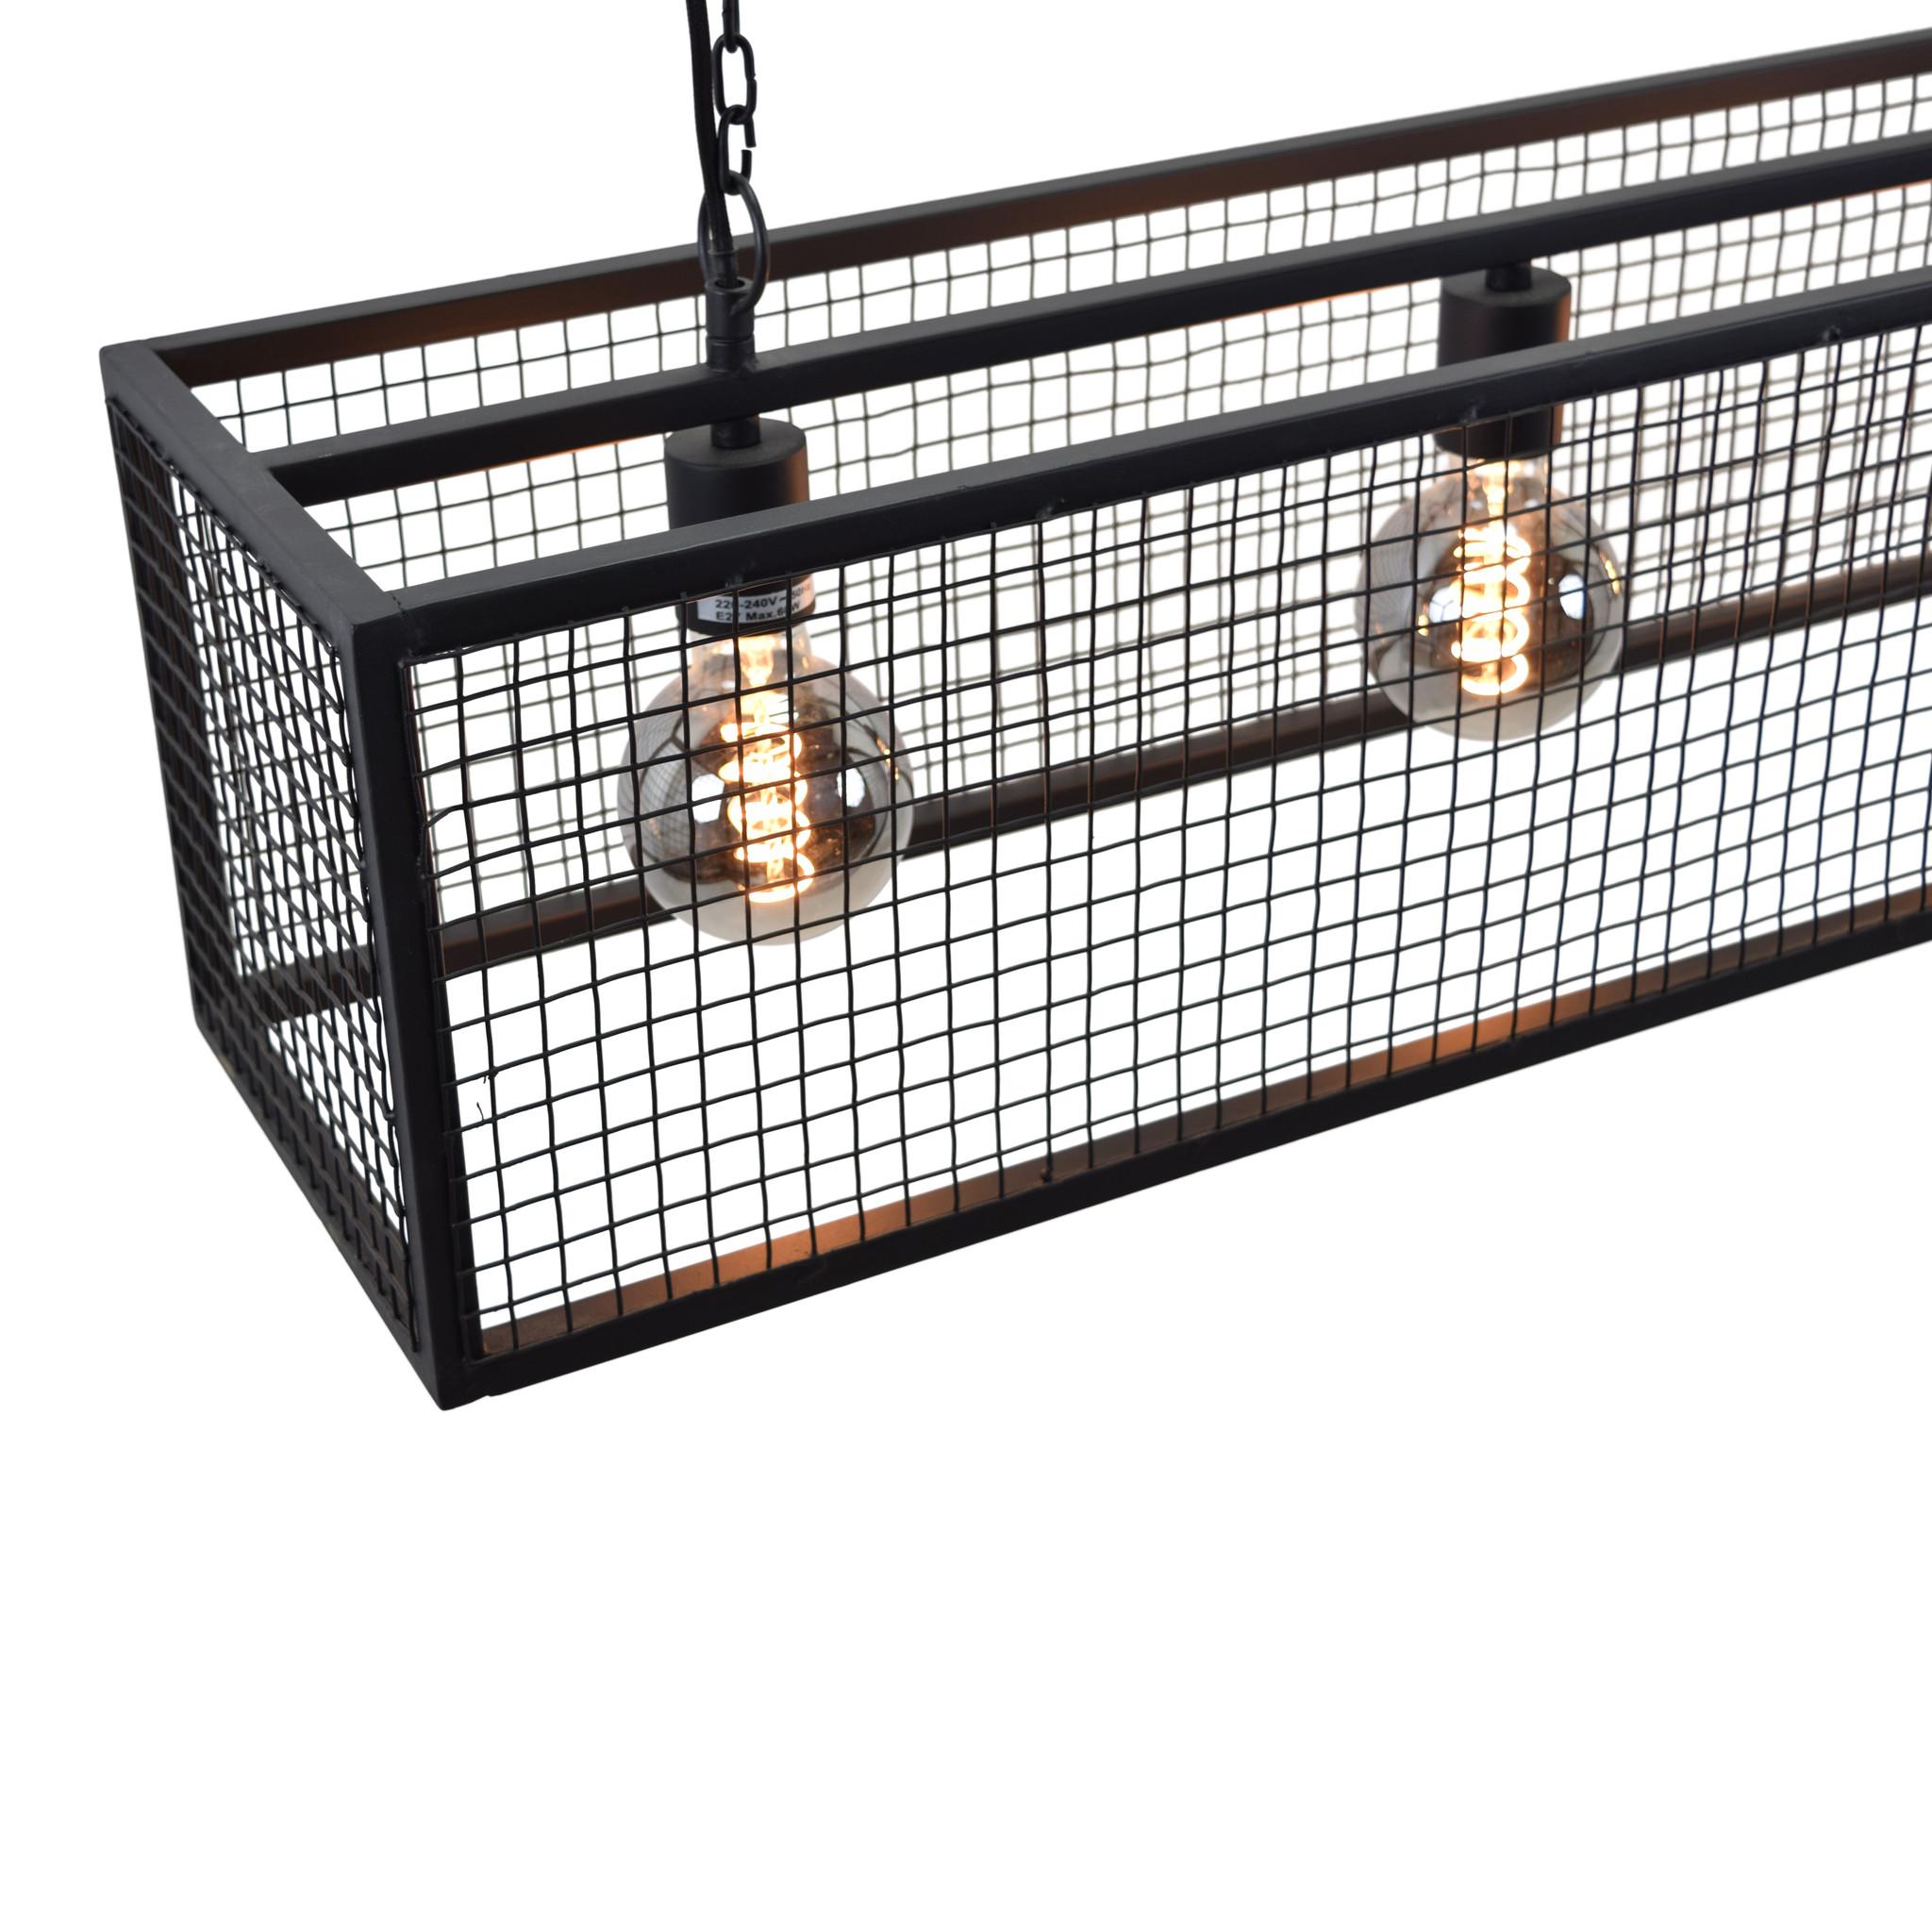 Urban Interiors Hanglamp Frame Gaas 4-lichts 120cm-AI-CL-14053-8719325467642